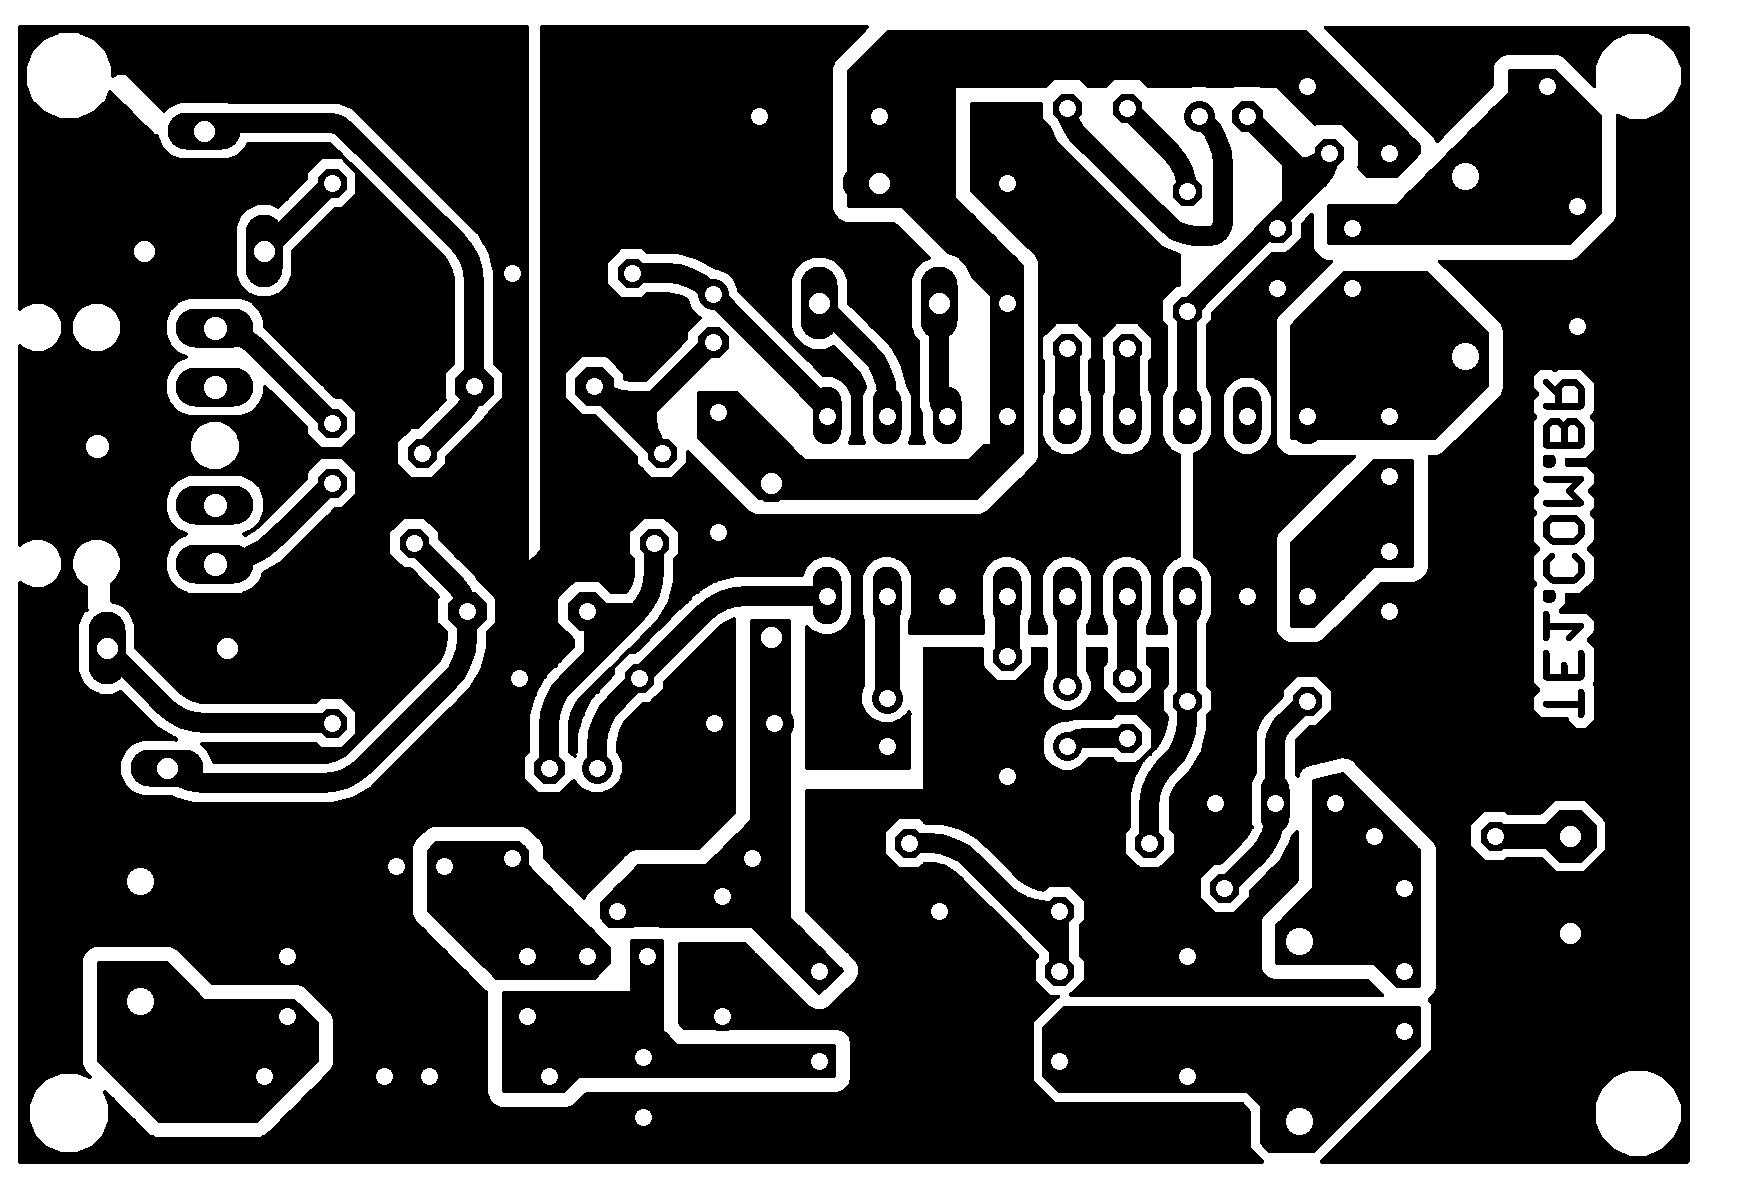 pci transmissor fm ba1404 estereo Circuito de transmissor de FM estéreo com CI Ba1404 amplificado Transmissores Fm Transmissores e RF Transmissores estéreo Circuitos